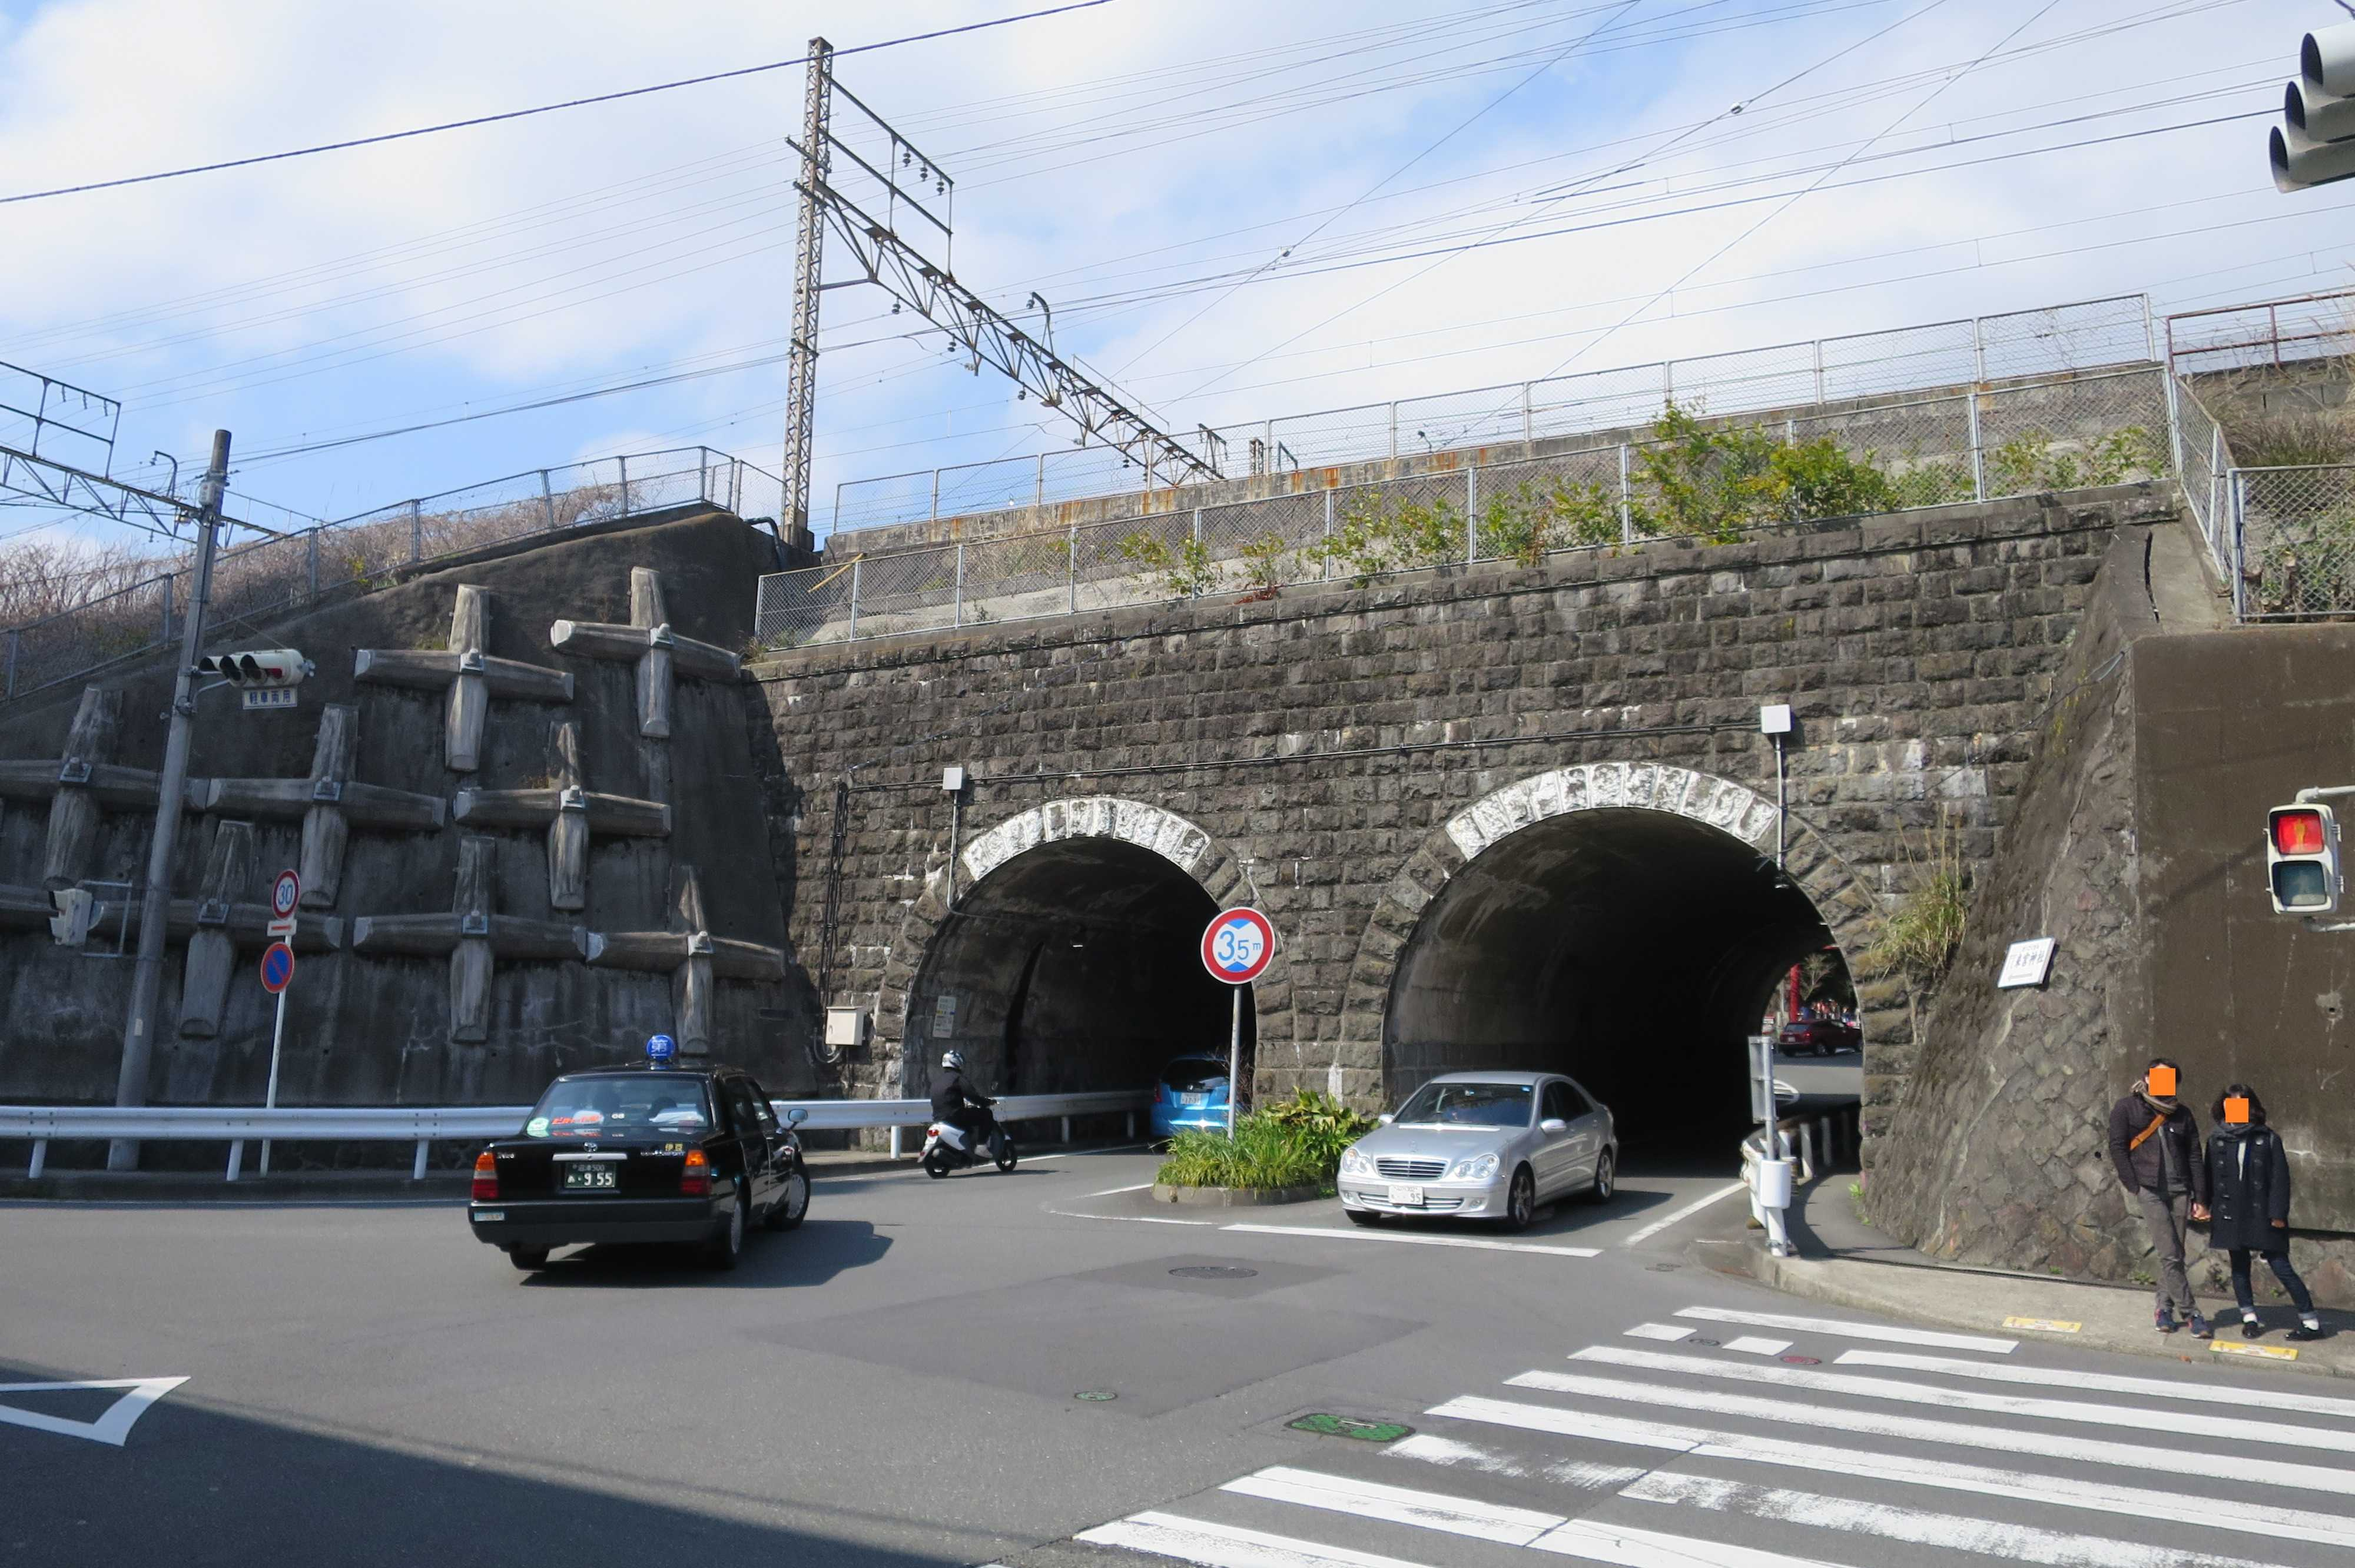 熱海 - 来宮神社前の東海道線のトンネル